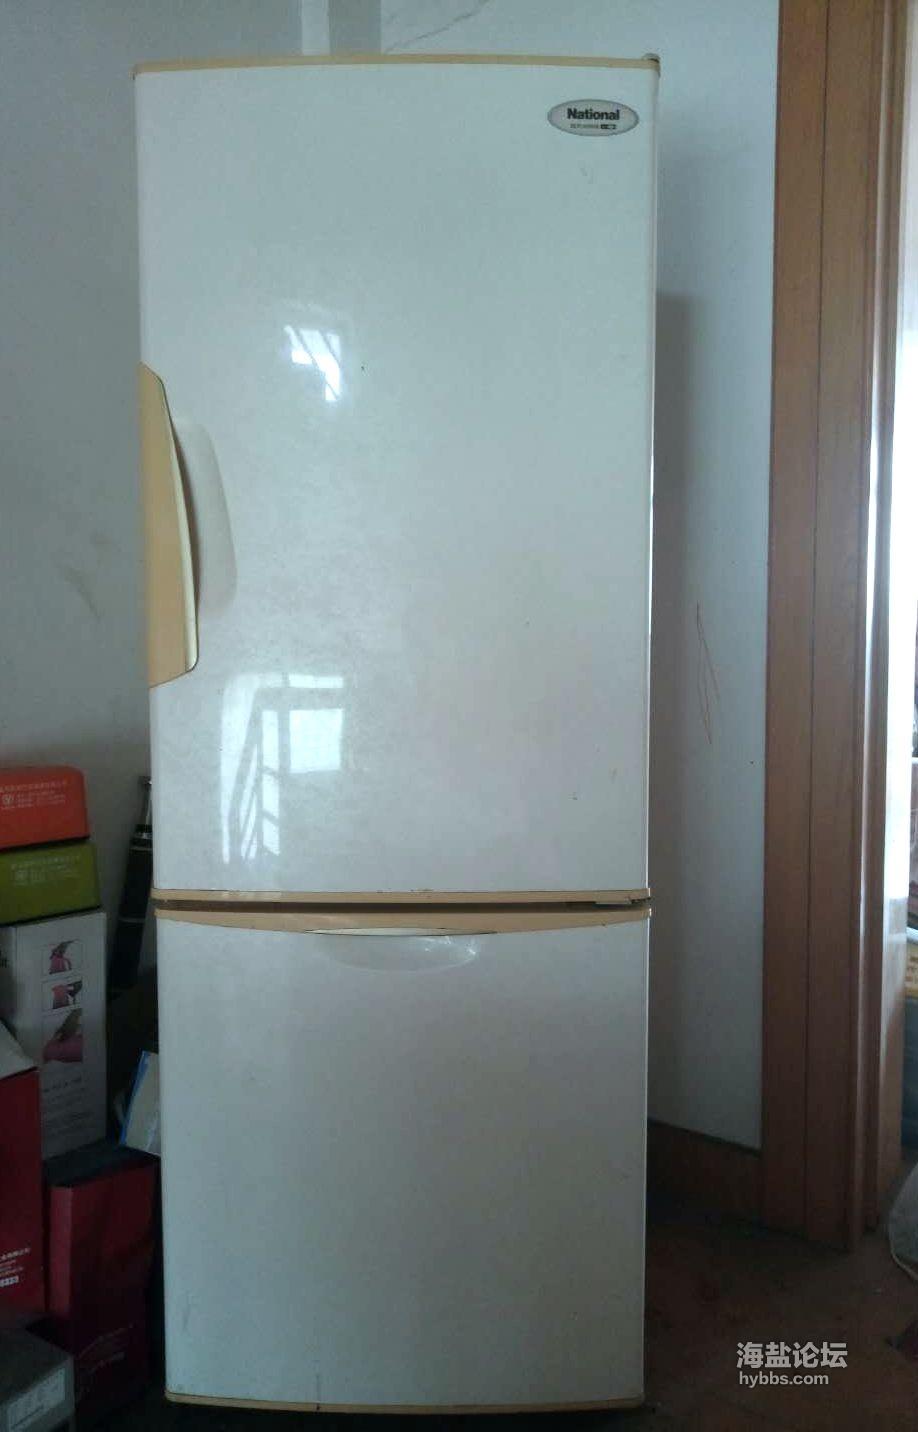 松下230升电冰箱,成色很新